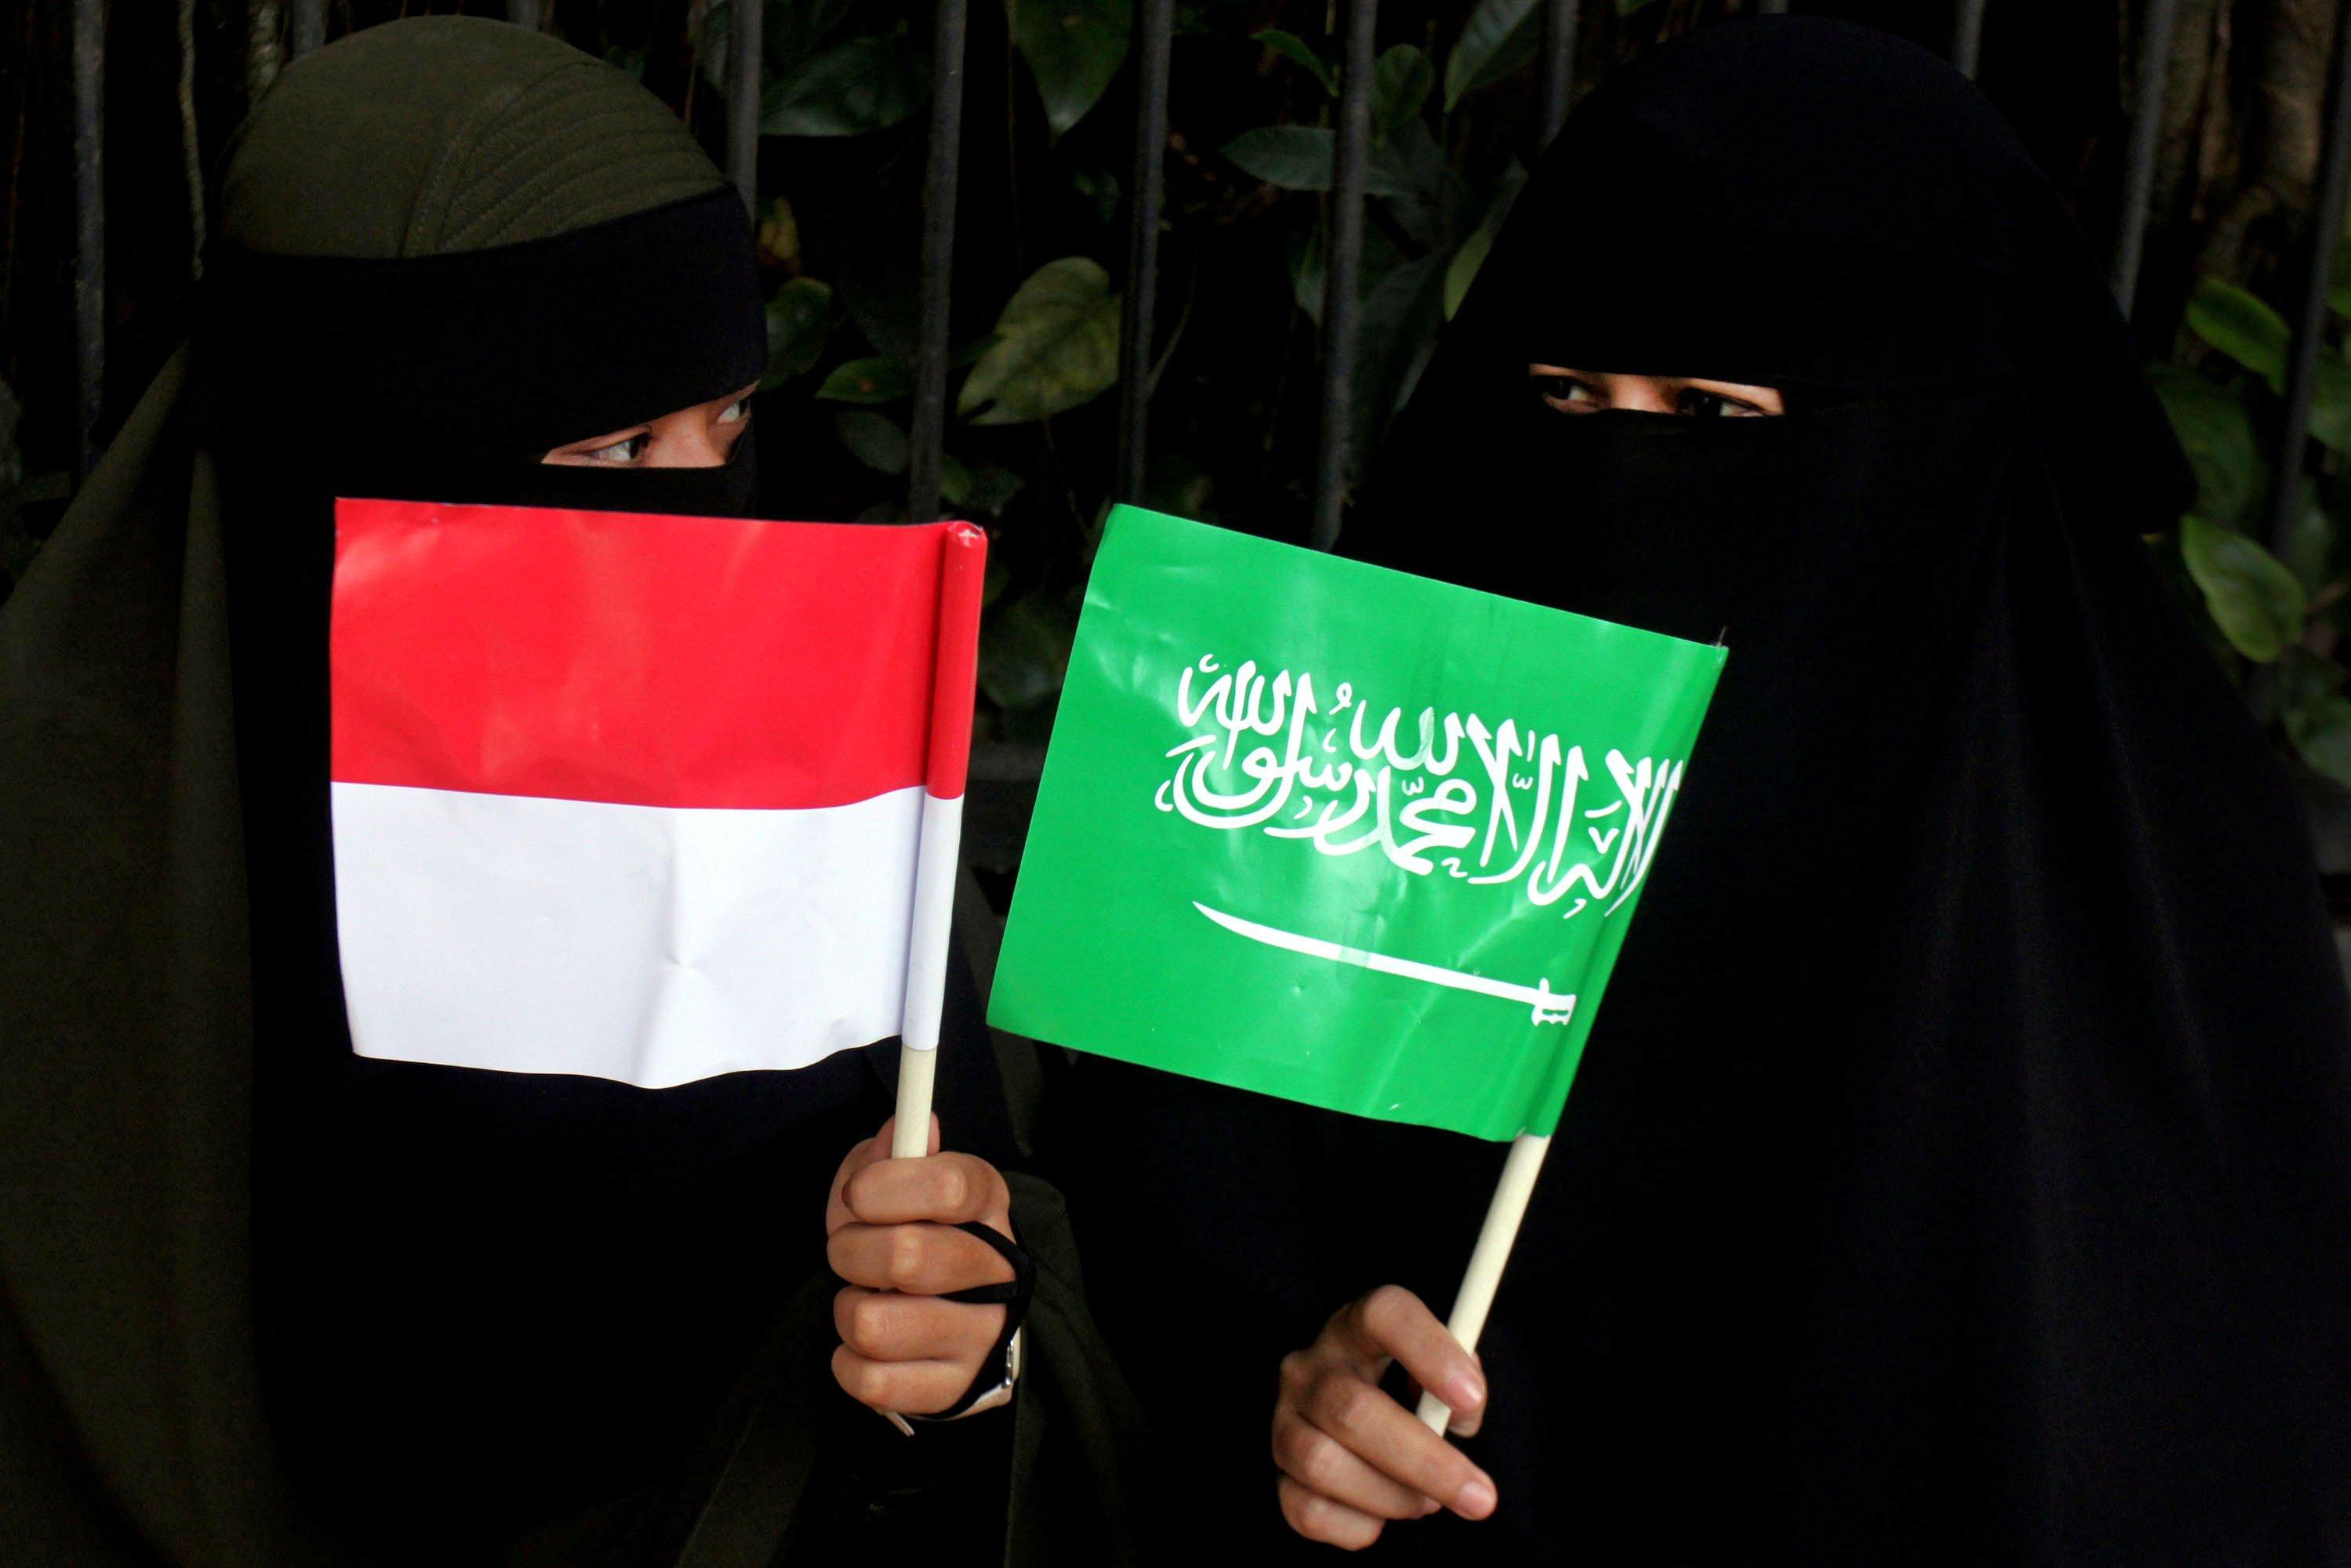 Dua orang warga memegang bendera untuk menyambut kedatangan Raja Salman di sekitar Istana Bogor, Kota Bogor, Jawa Barat, Rabu (1/3). Warga Bogor antusias menyambut kedatangan Raja Arab Saudi, Salman bin Abdulaziz al-Saud dalam kunjungannya ke Istana Bogor.